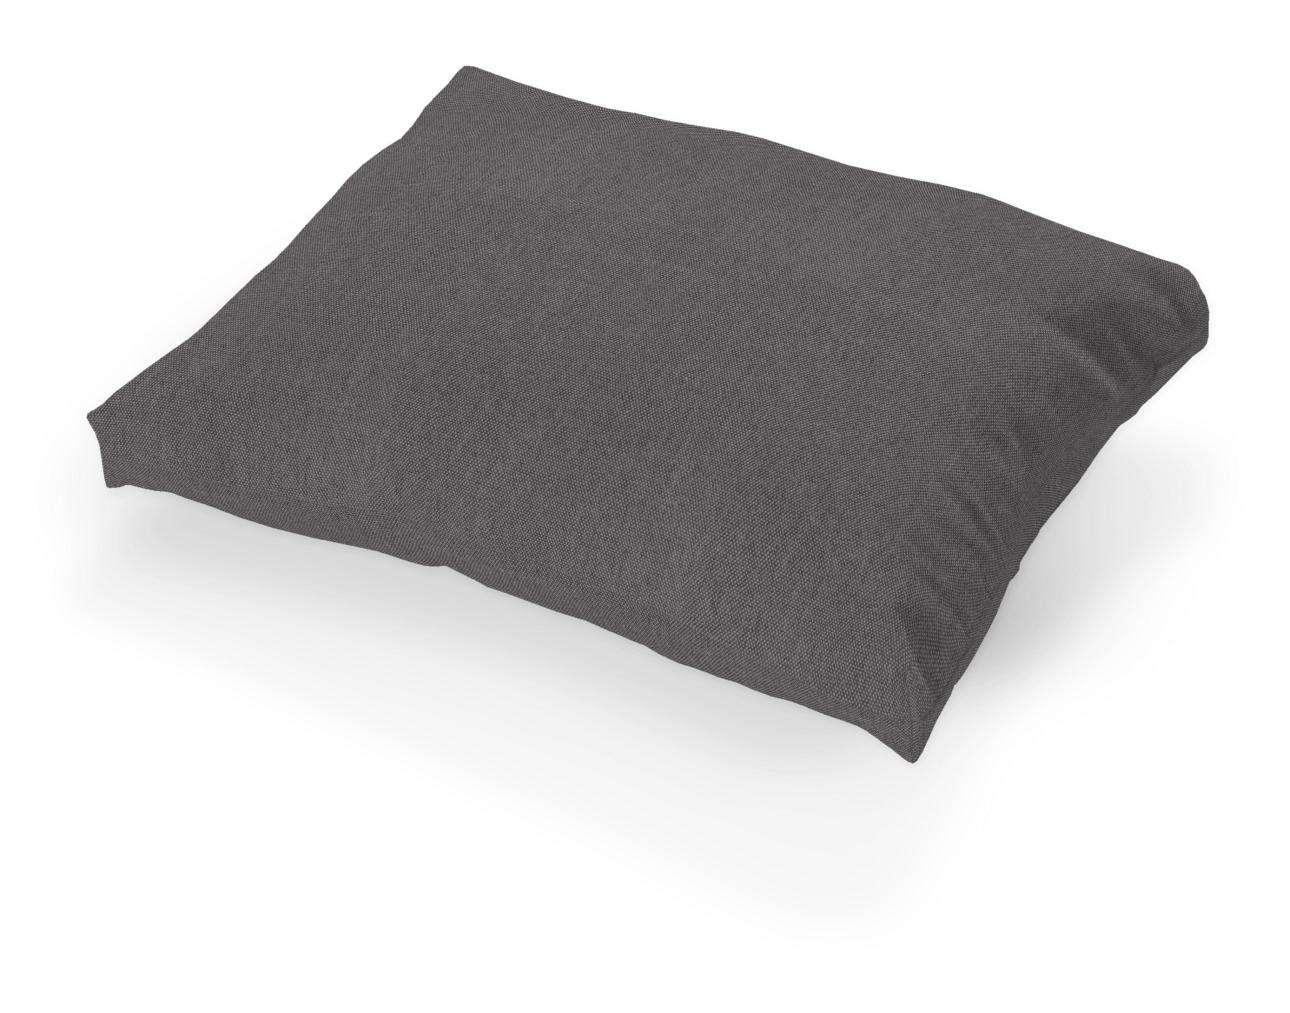 Kissenhülle für ein Kissen Tylösand 1 Stck Tylösand von der Kollektion Etna, Stoff: 705-35